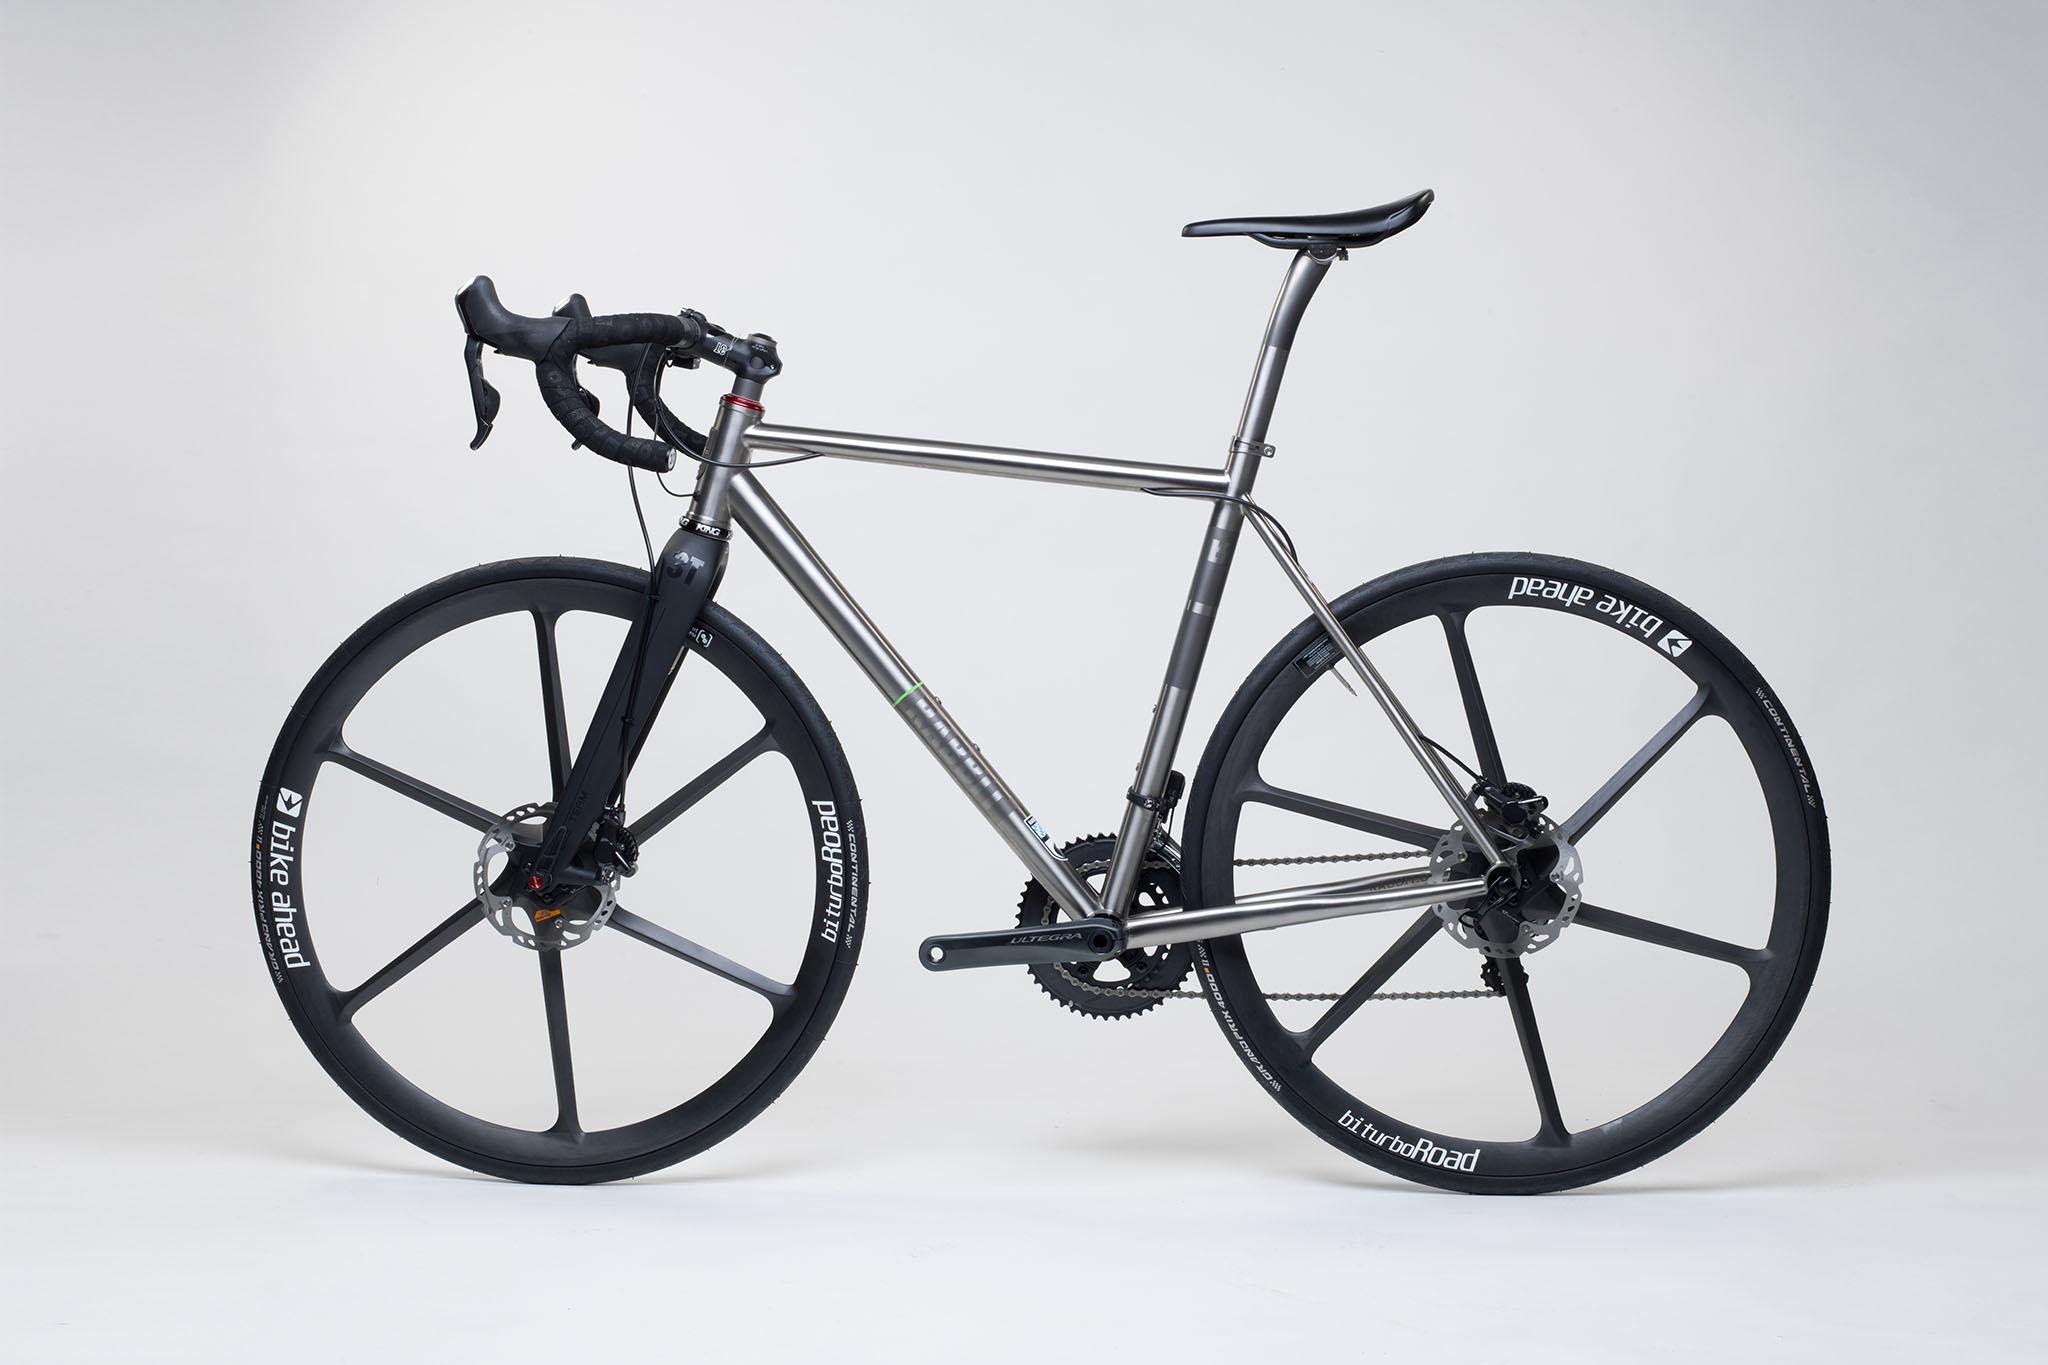 titan_road_disc_bike_ahead_carbon_wheels_16_from_rabbit_titan_cycles_bavaria